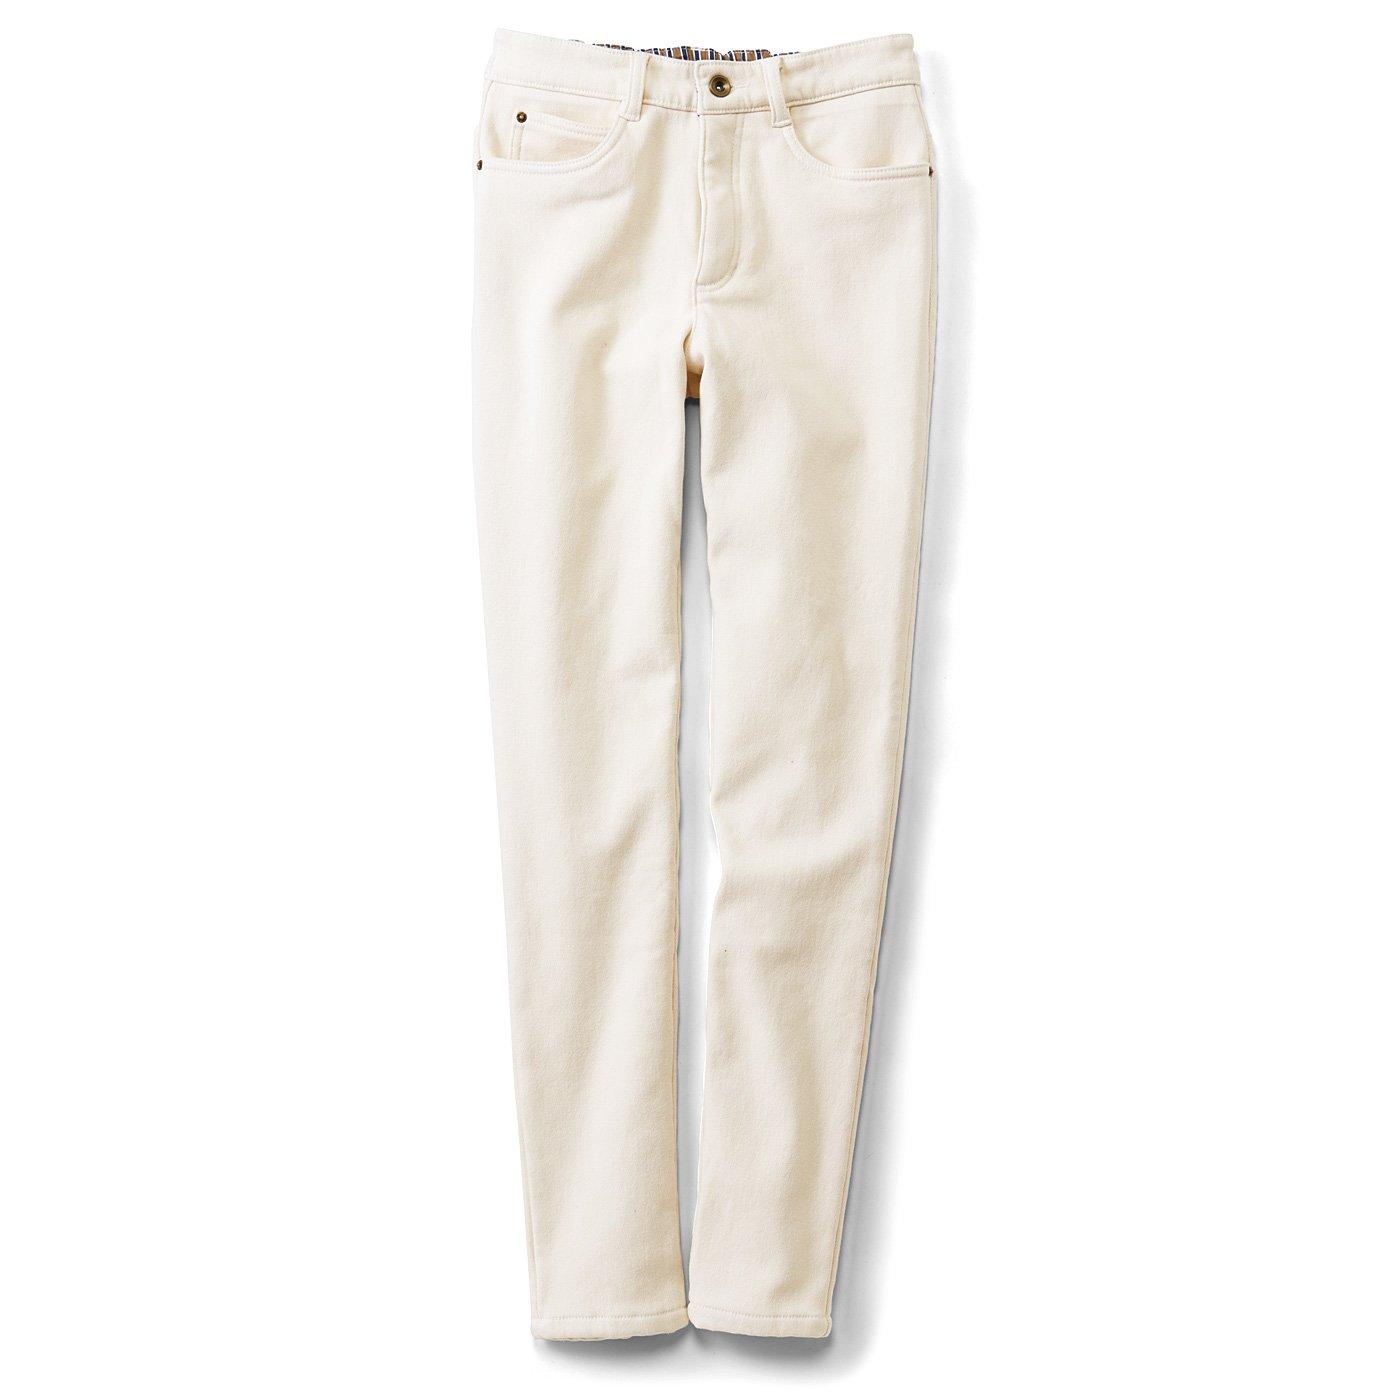 リブ イン コンフォート 美脚もあったかもかなえる うっとり肌心地の裏ベロアストレートパンツ〈ホワイト〉